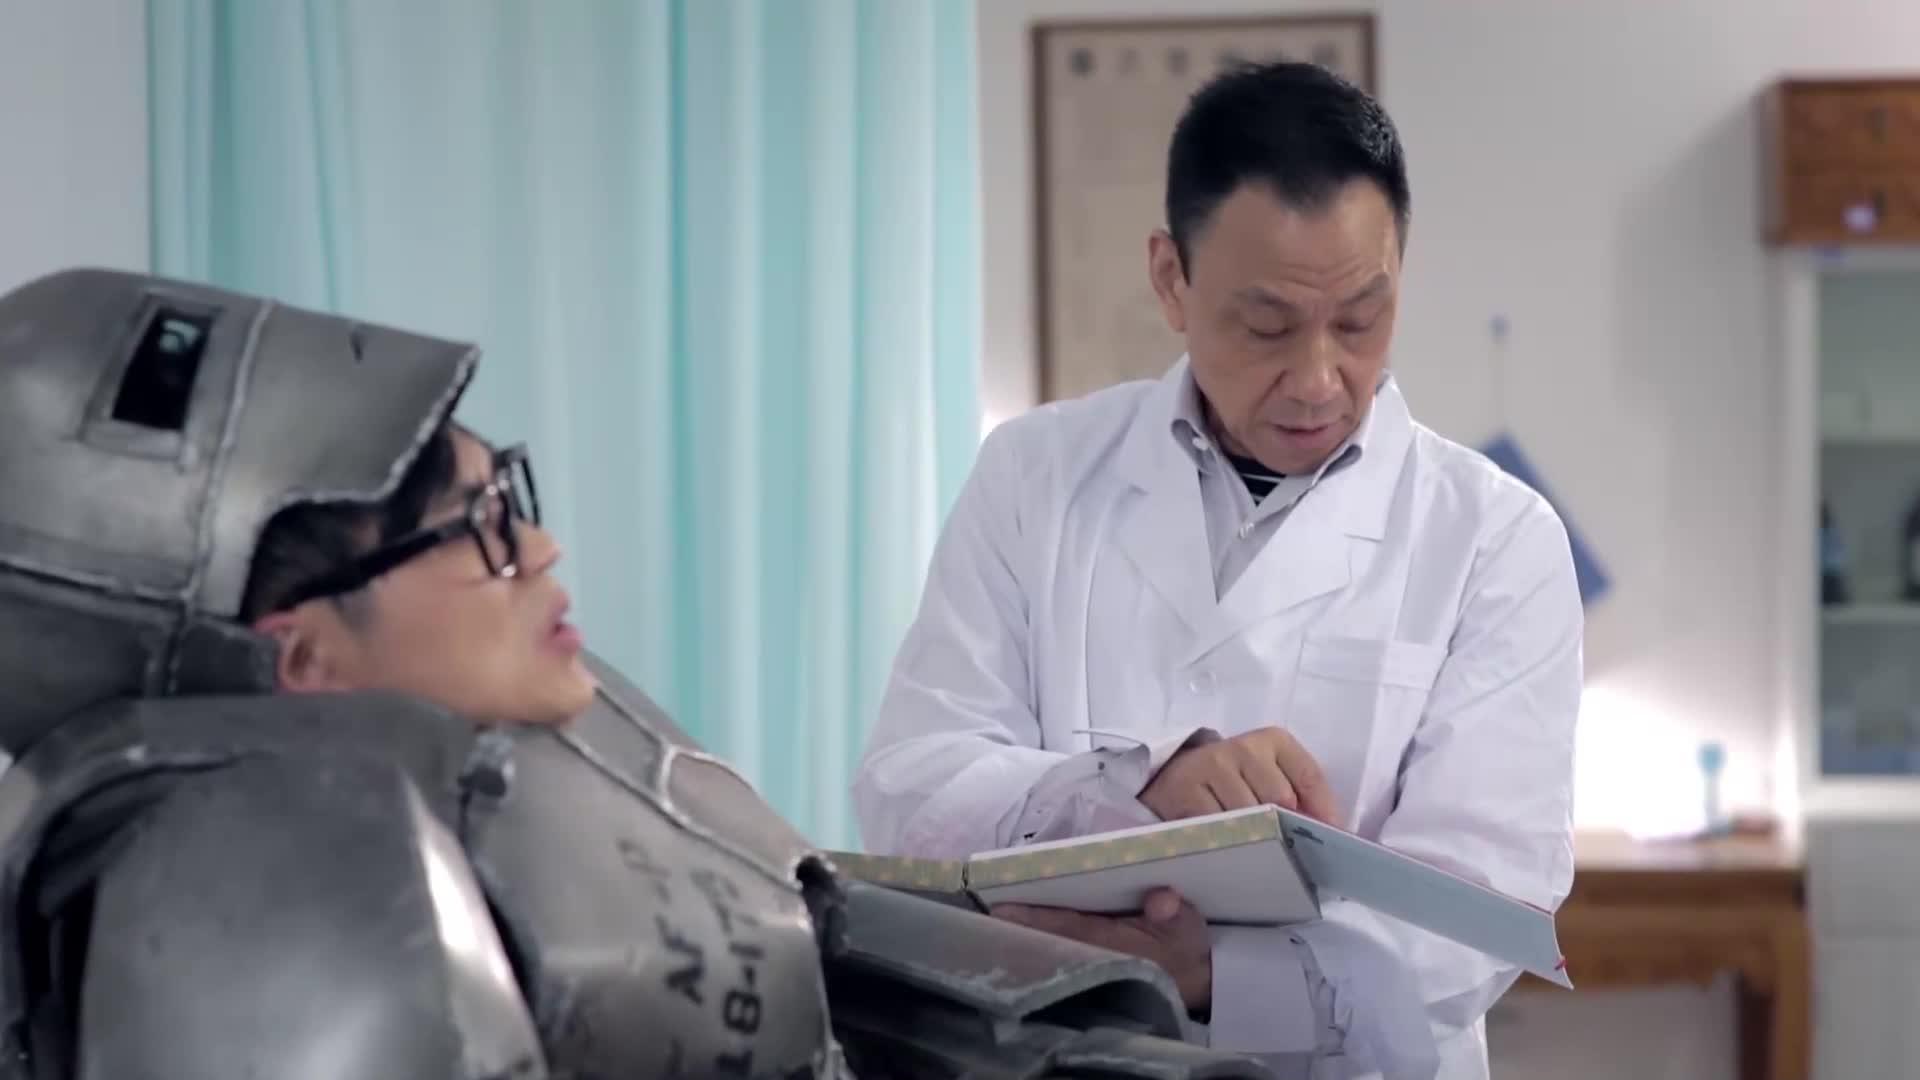 大鹏穿着这样来看病,结果医生说了这样的话,大鹏立马晕倒了